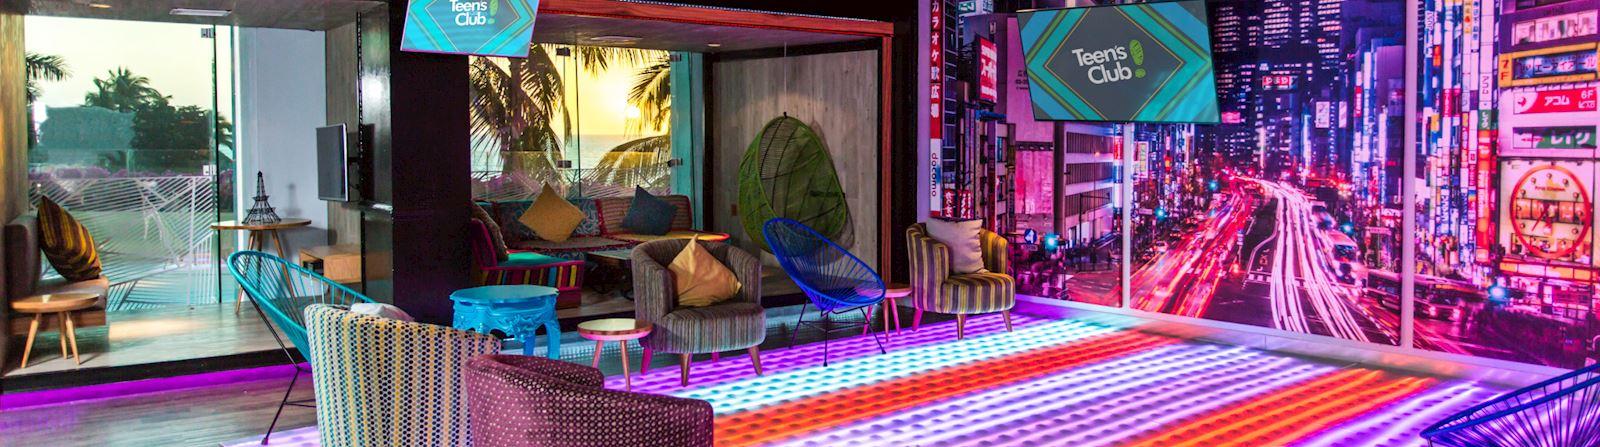 Teens club at Grand Velas Riviera Nayarit Mexico